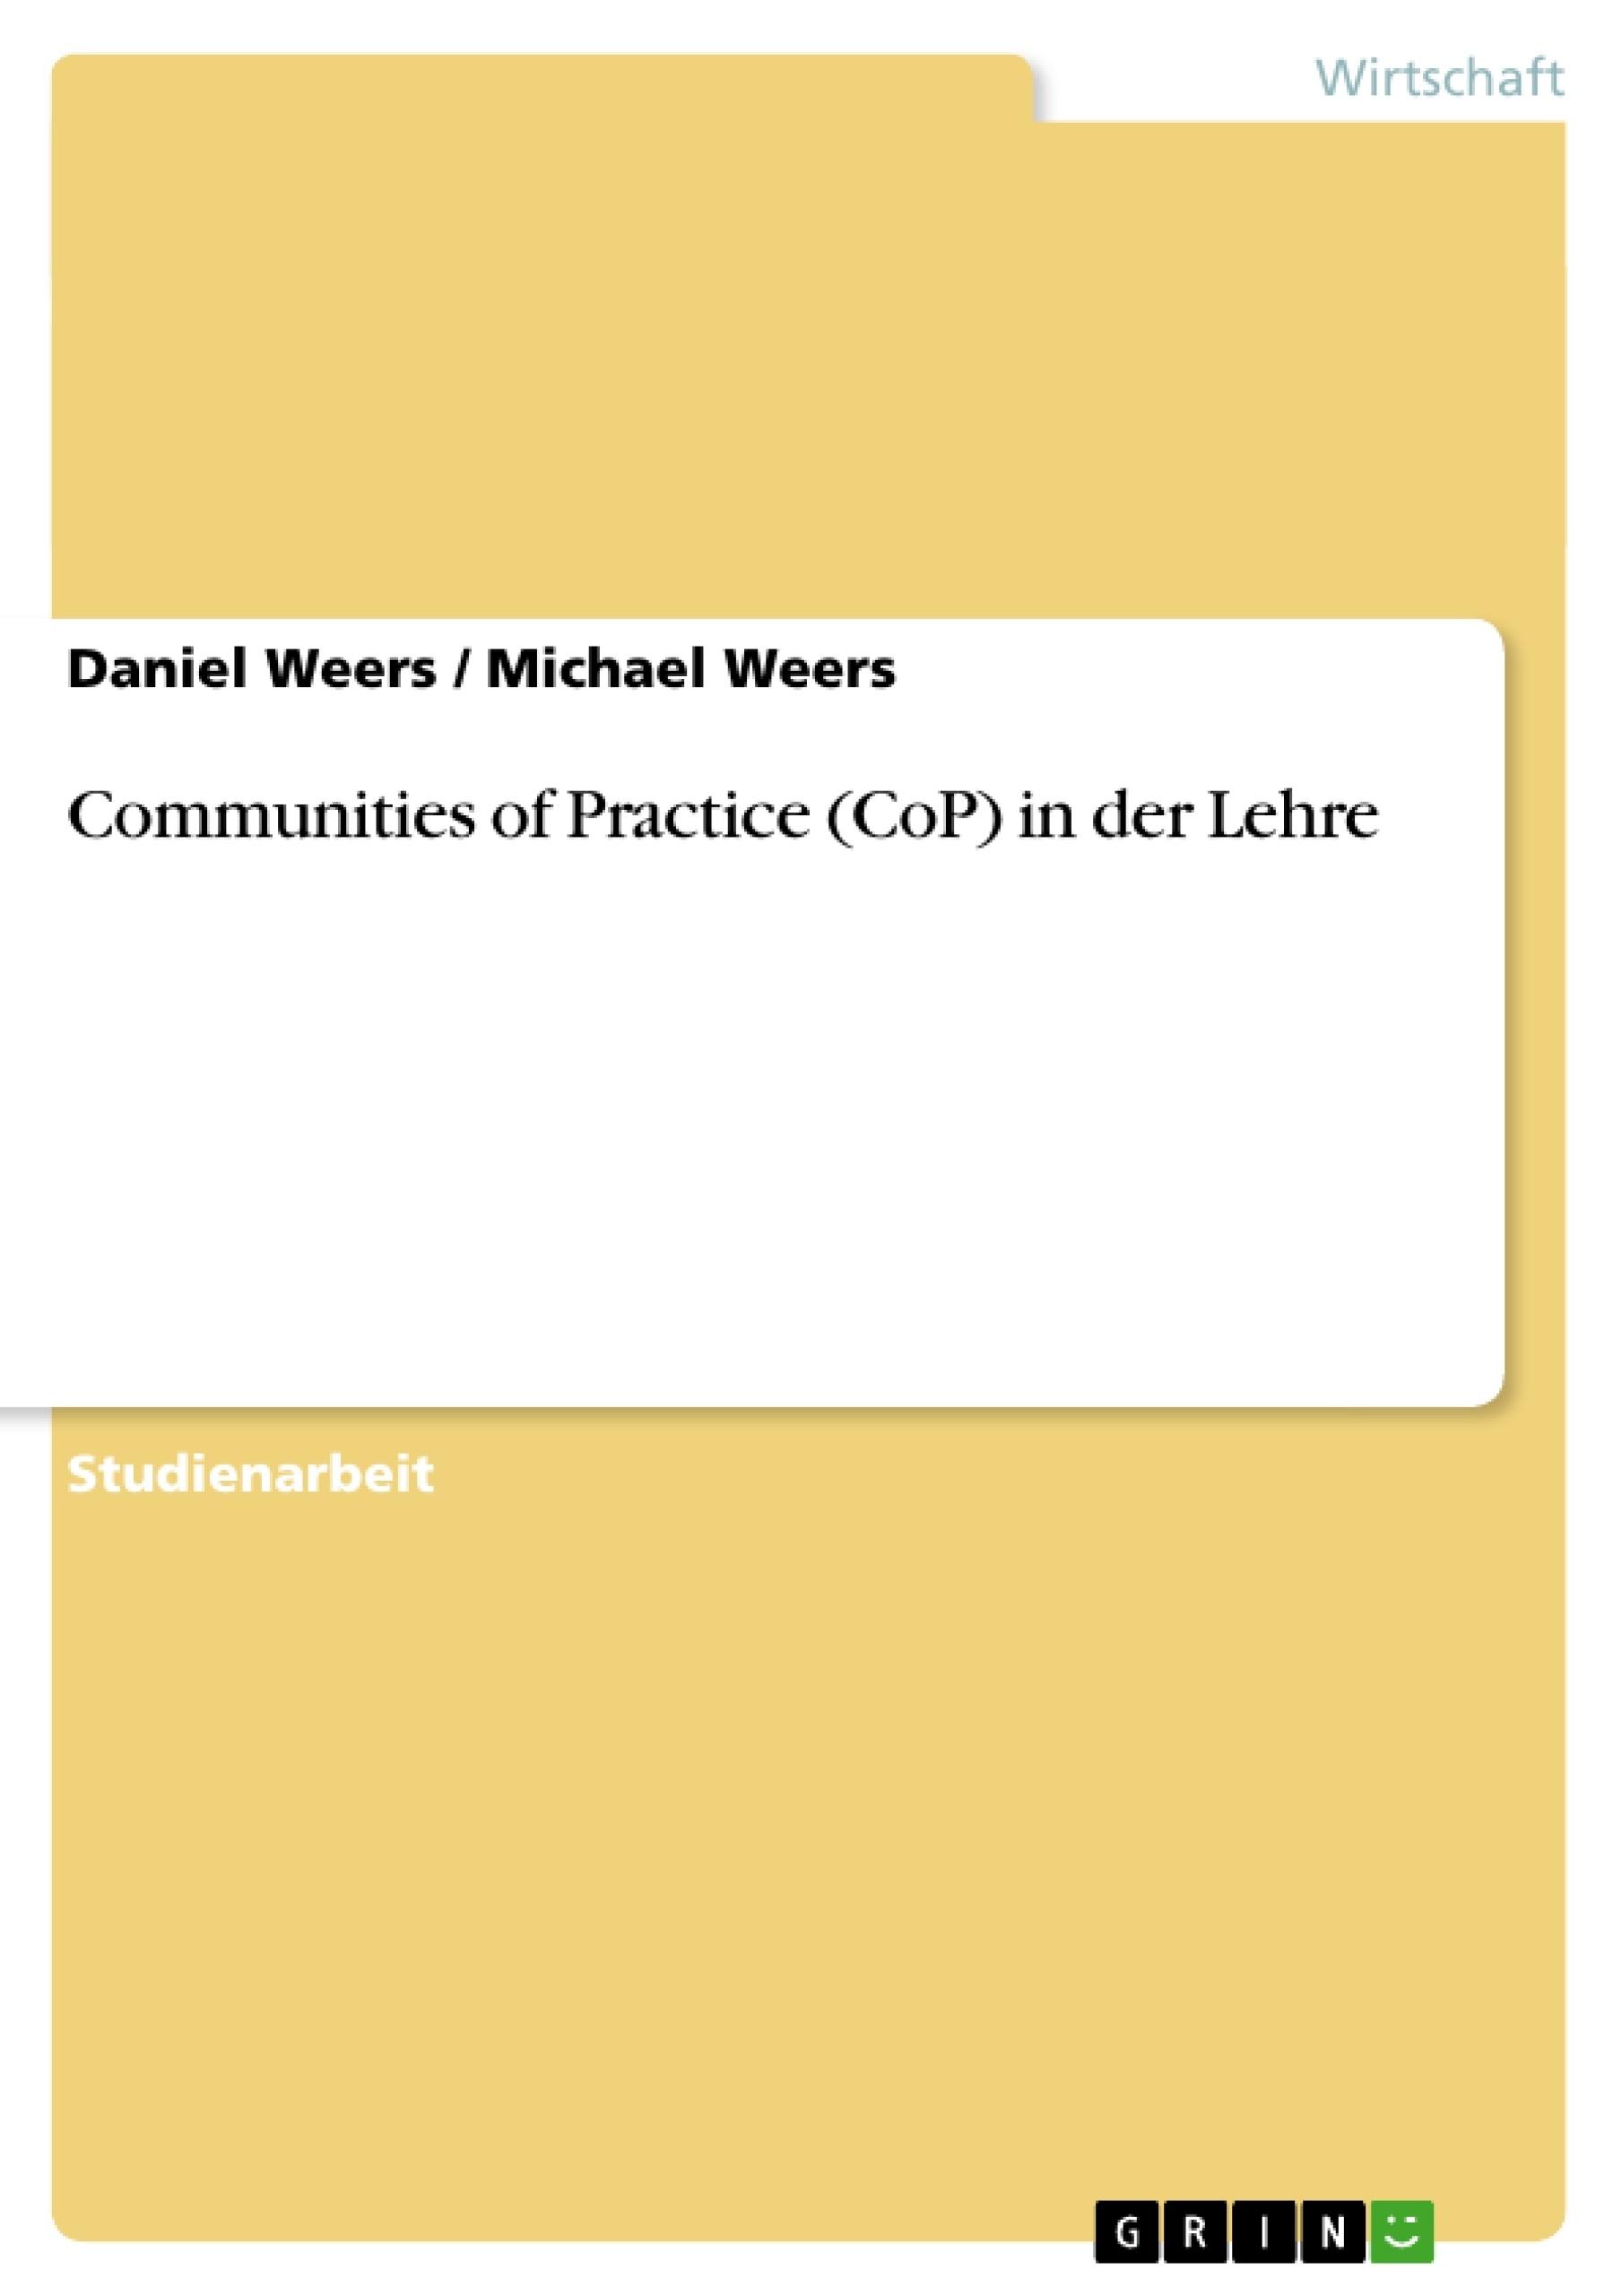 Titel: Communities of Practice (CoP) in der Lehre